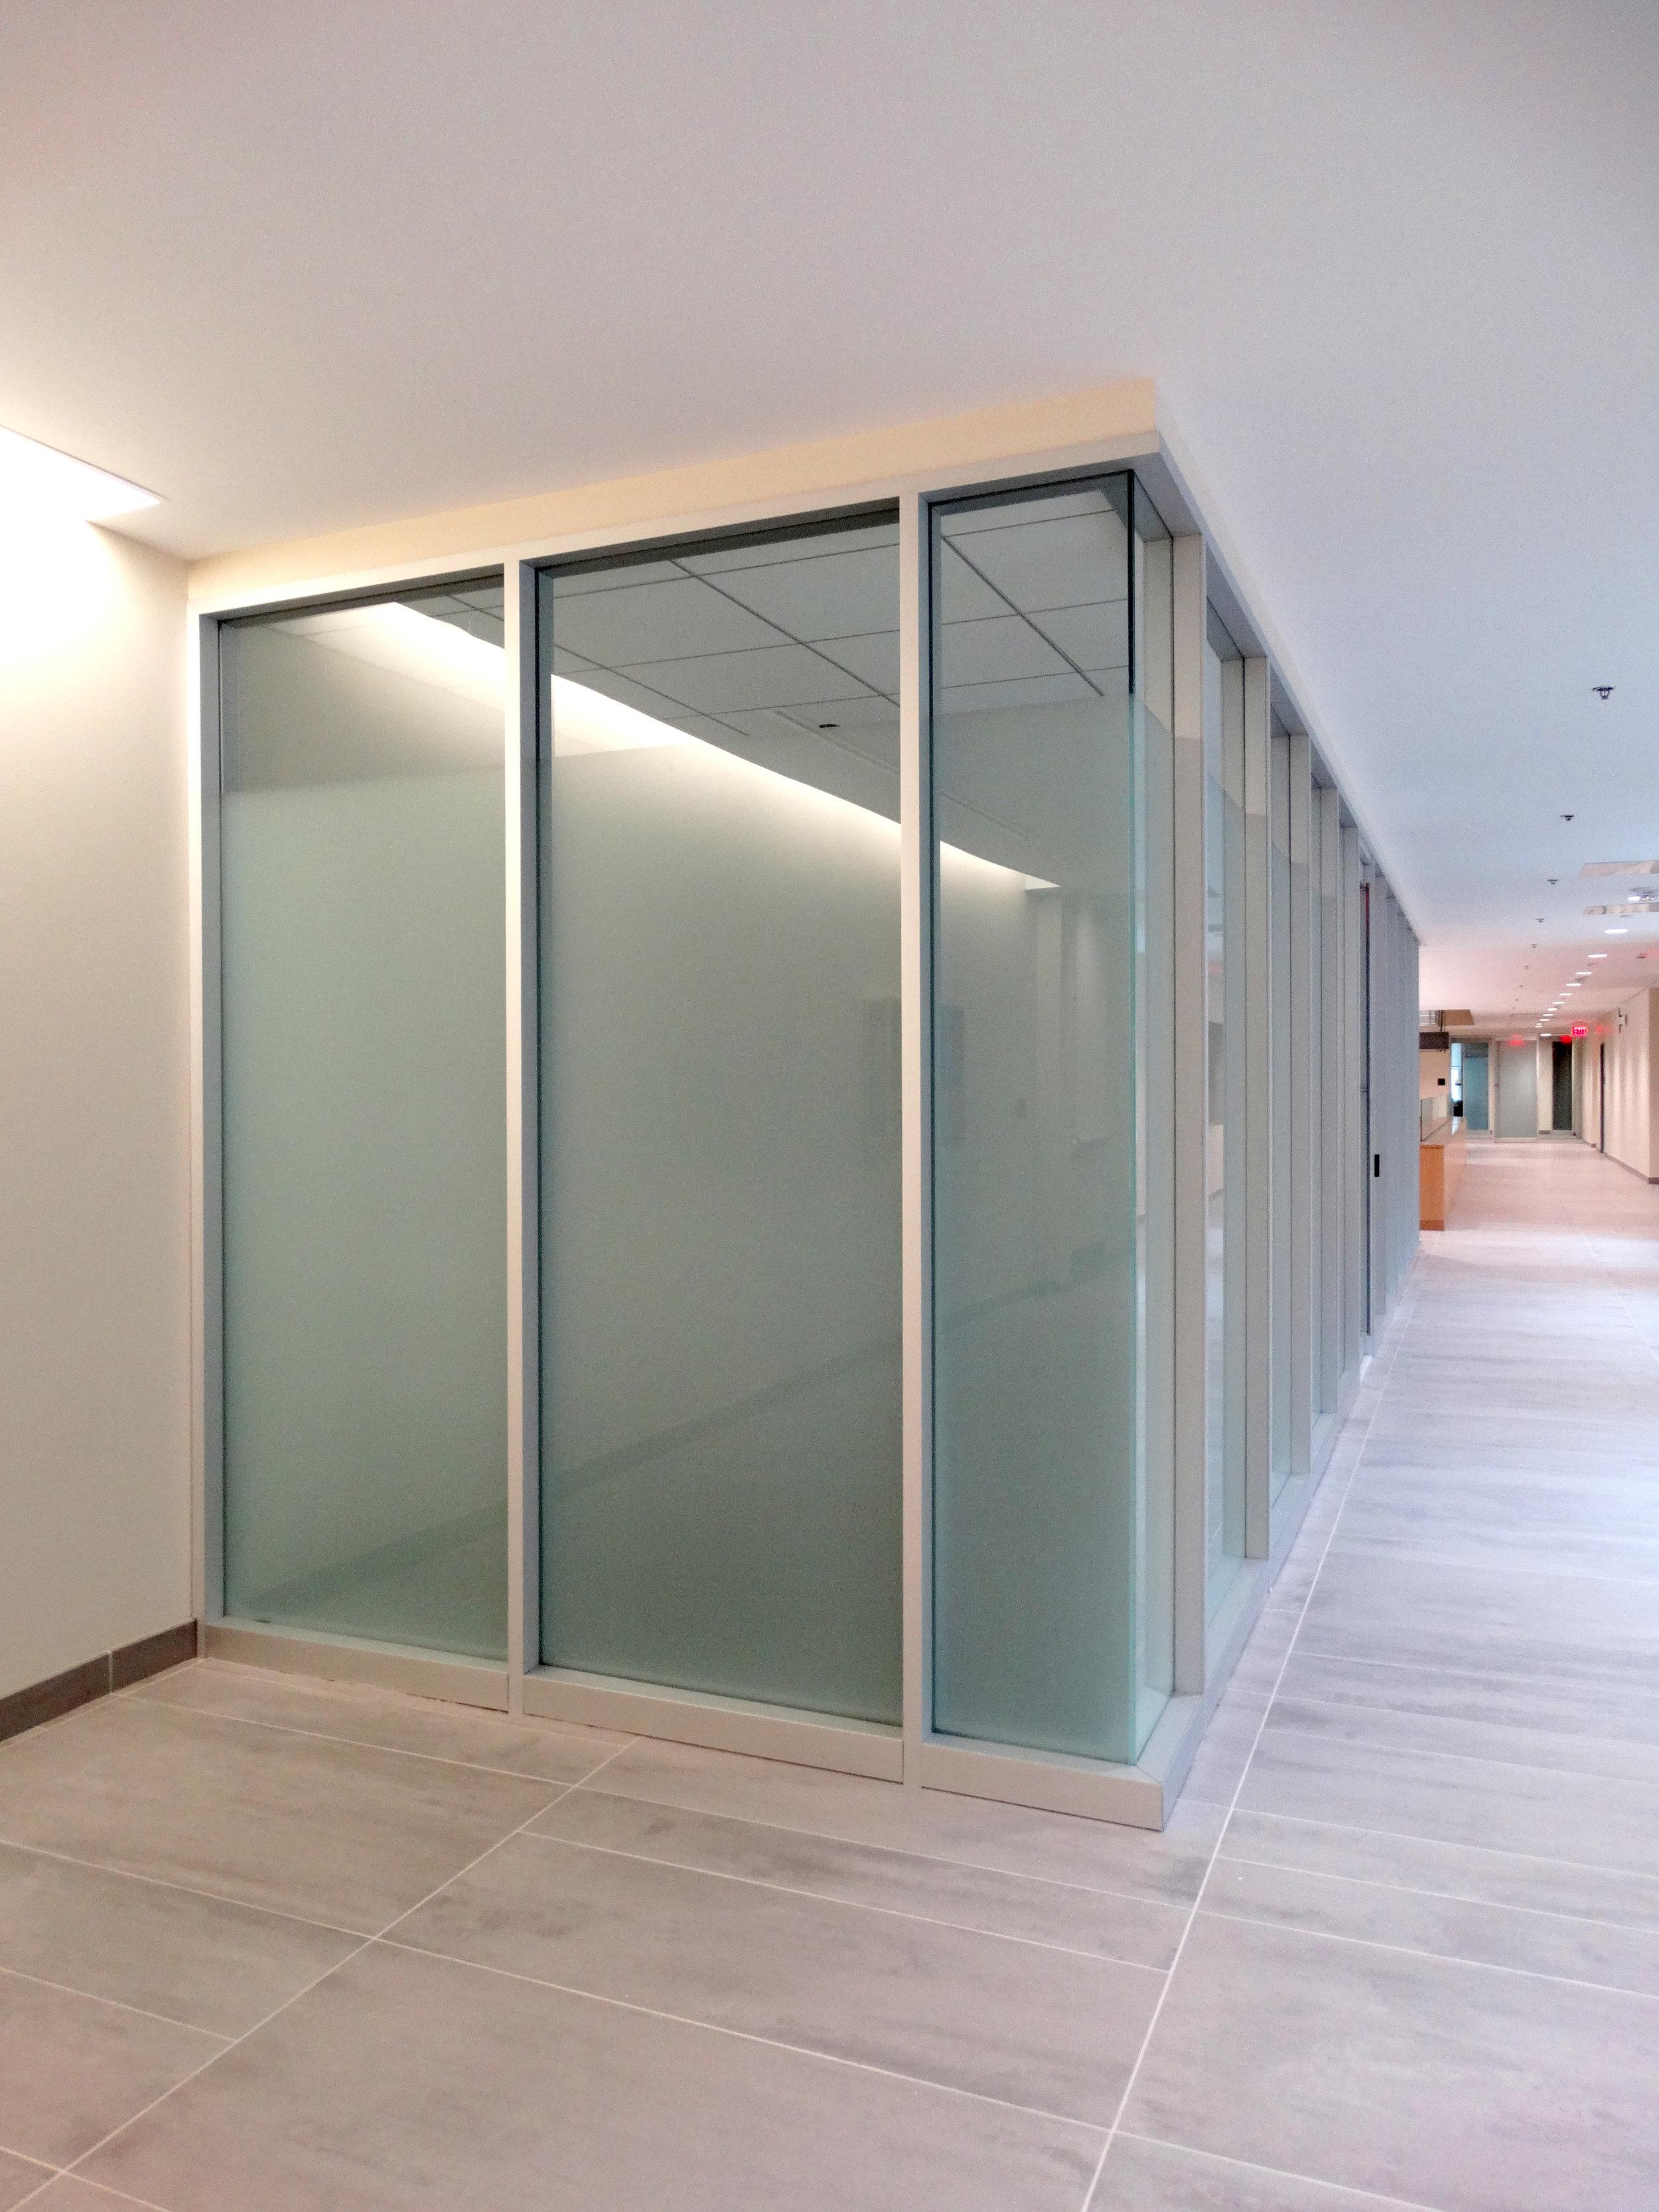 Encase Aluminum Framed Vertical Mullion Corner Turn Glass - Spaceworks AI.jpg